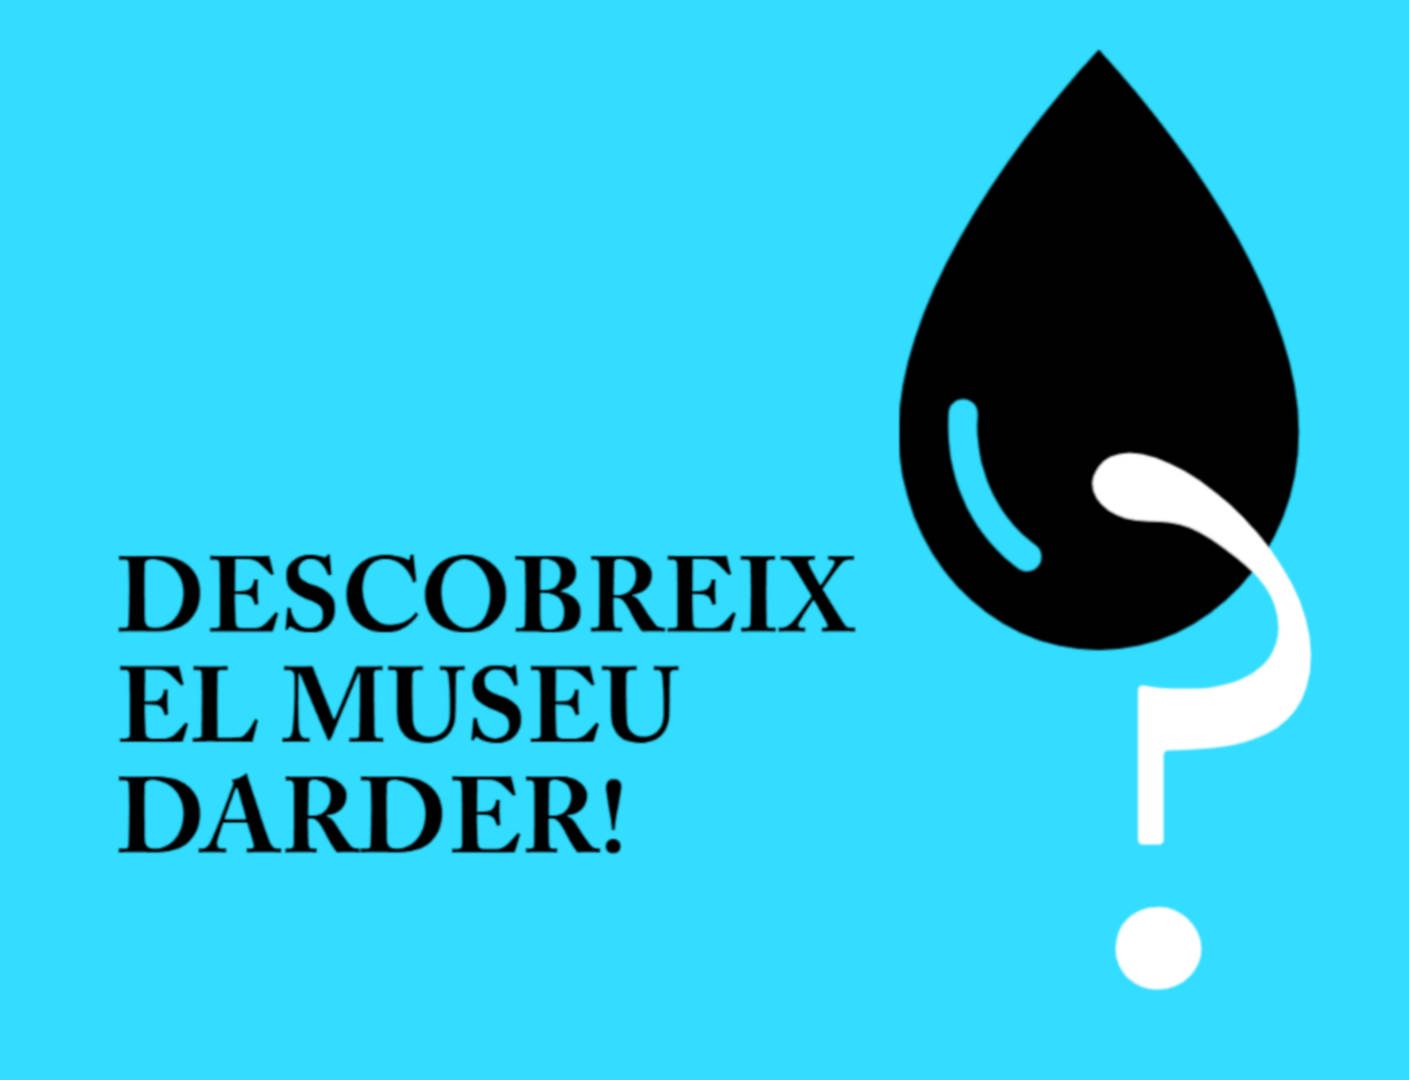 Descobreix el Museu Darder!